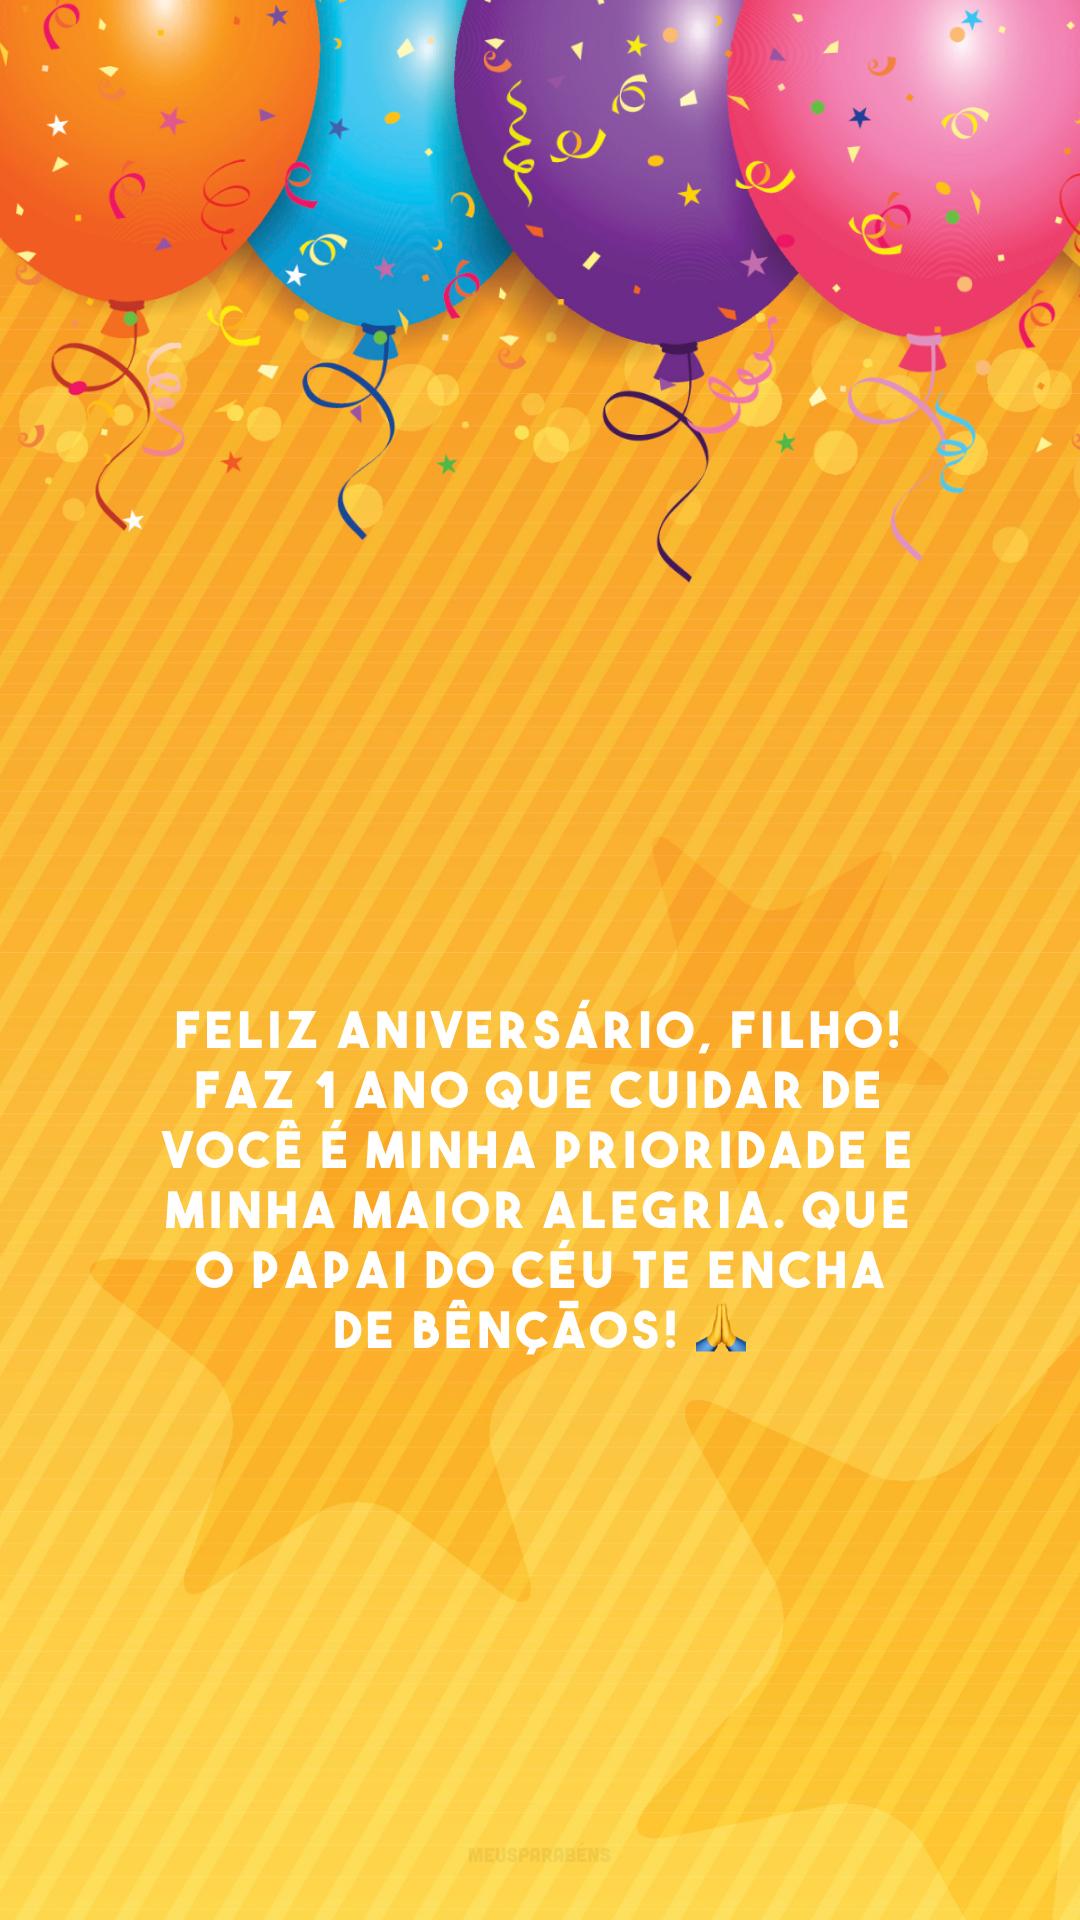 Feliz aniversário, filho! Faz 1 ano que cuidar de você é minha prioridade e minha maior alegria. Que o Papai do Céu te encha de bênçãos! 🙏